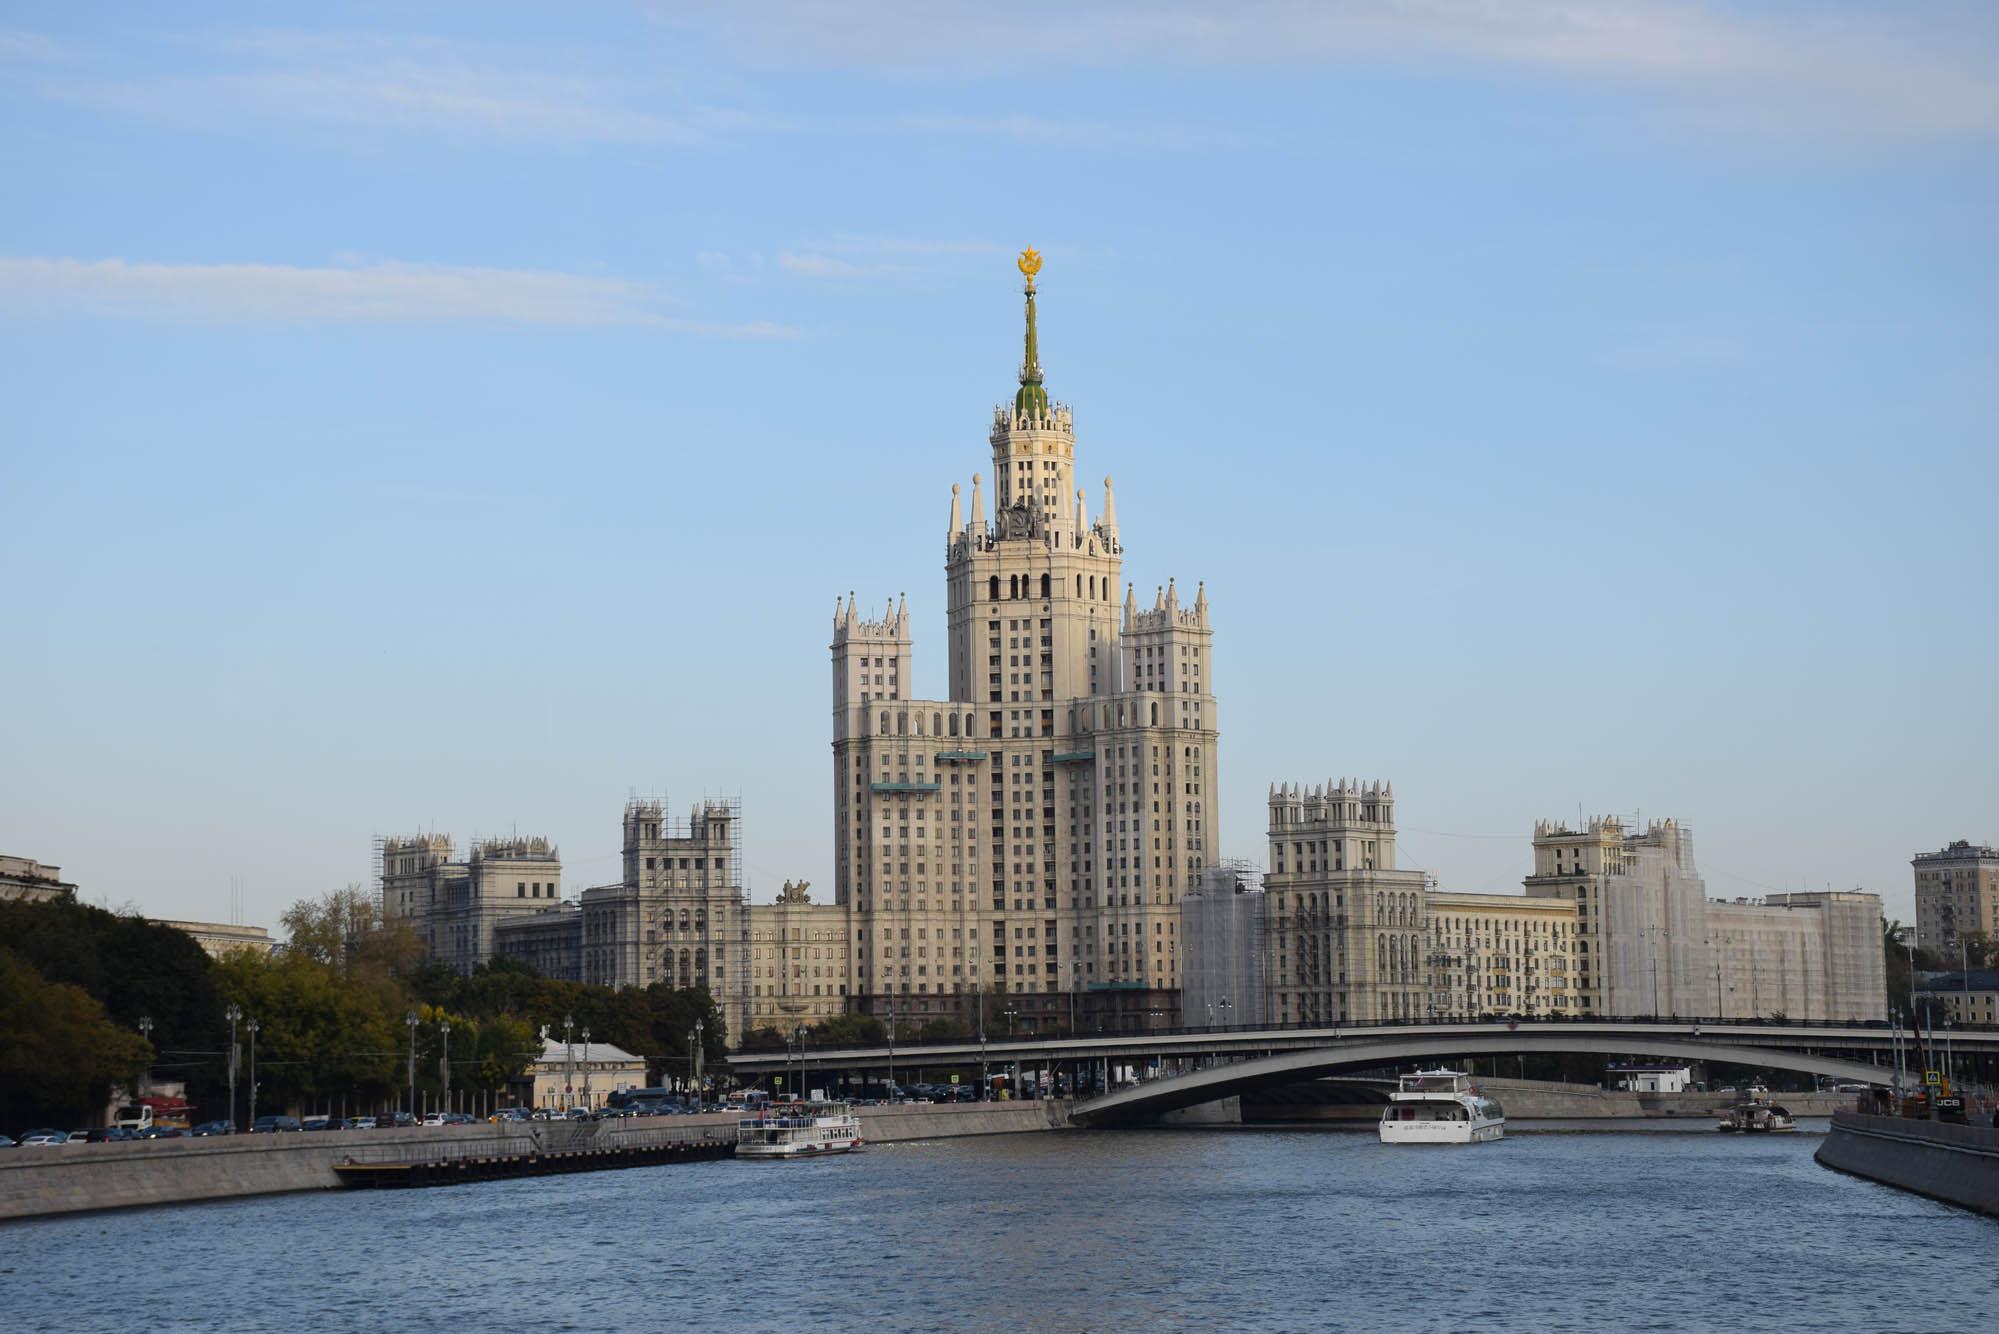 dicas de moscou russia edificios stalin comunismo